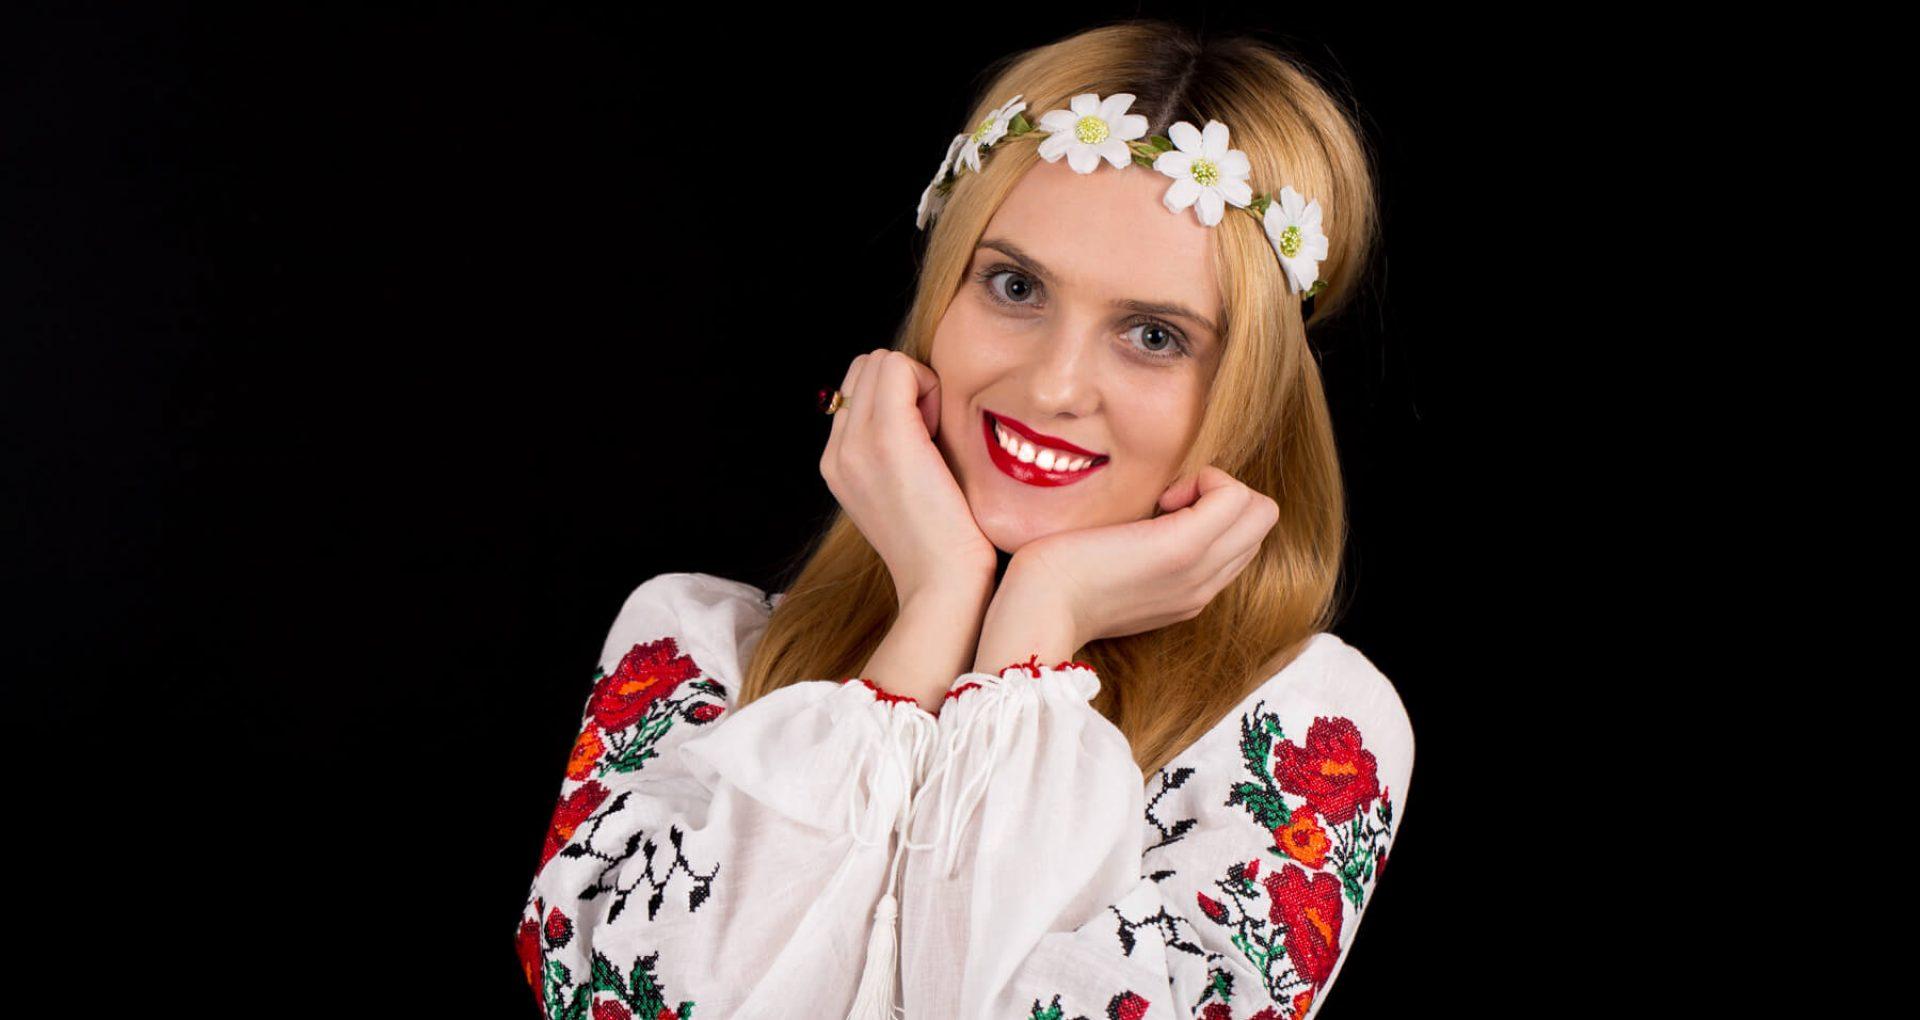 """Olga Bodrug, asistent pentru cercetare la Bush School of Government and Public Service: """"Mi-aș dori să fiu reprezentantul unei Românii reunite în străinătate"""""""